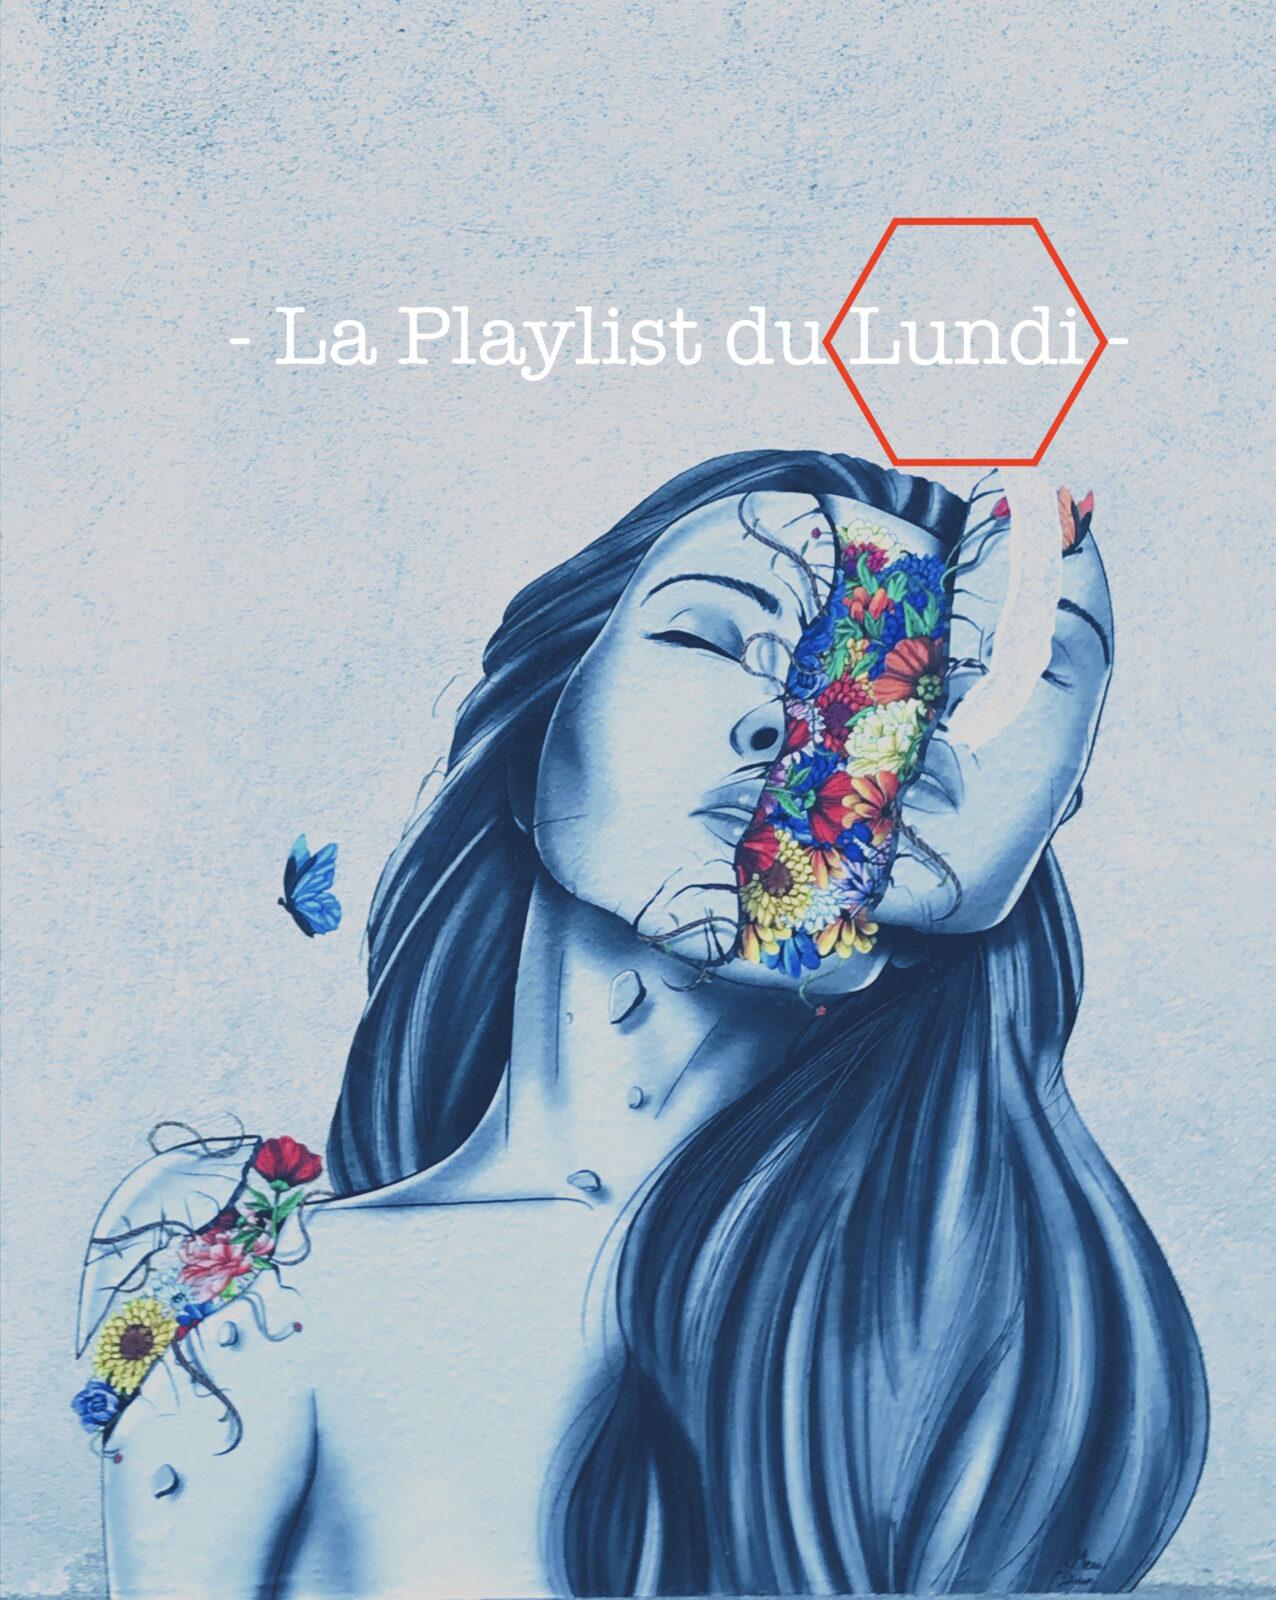 """Couverture article playlist de musique""""Come close"""". Playlist de musique """"Come Closer"""" avec Ours samplus, Degiheugi, Fakear, L'orange, Chill Bump, Panda dub, L'entourloup, Two feet etc"""